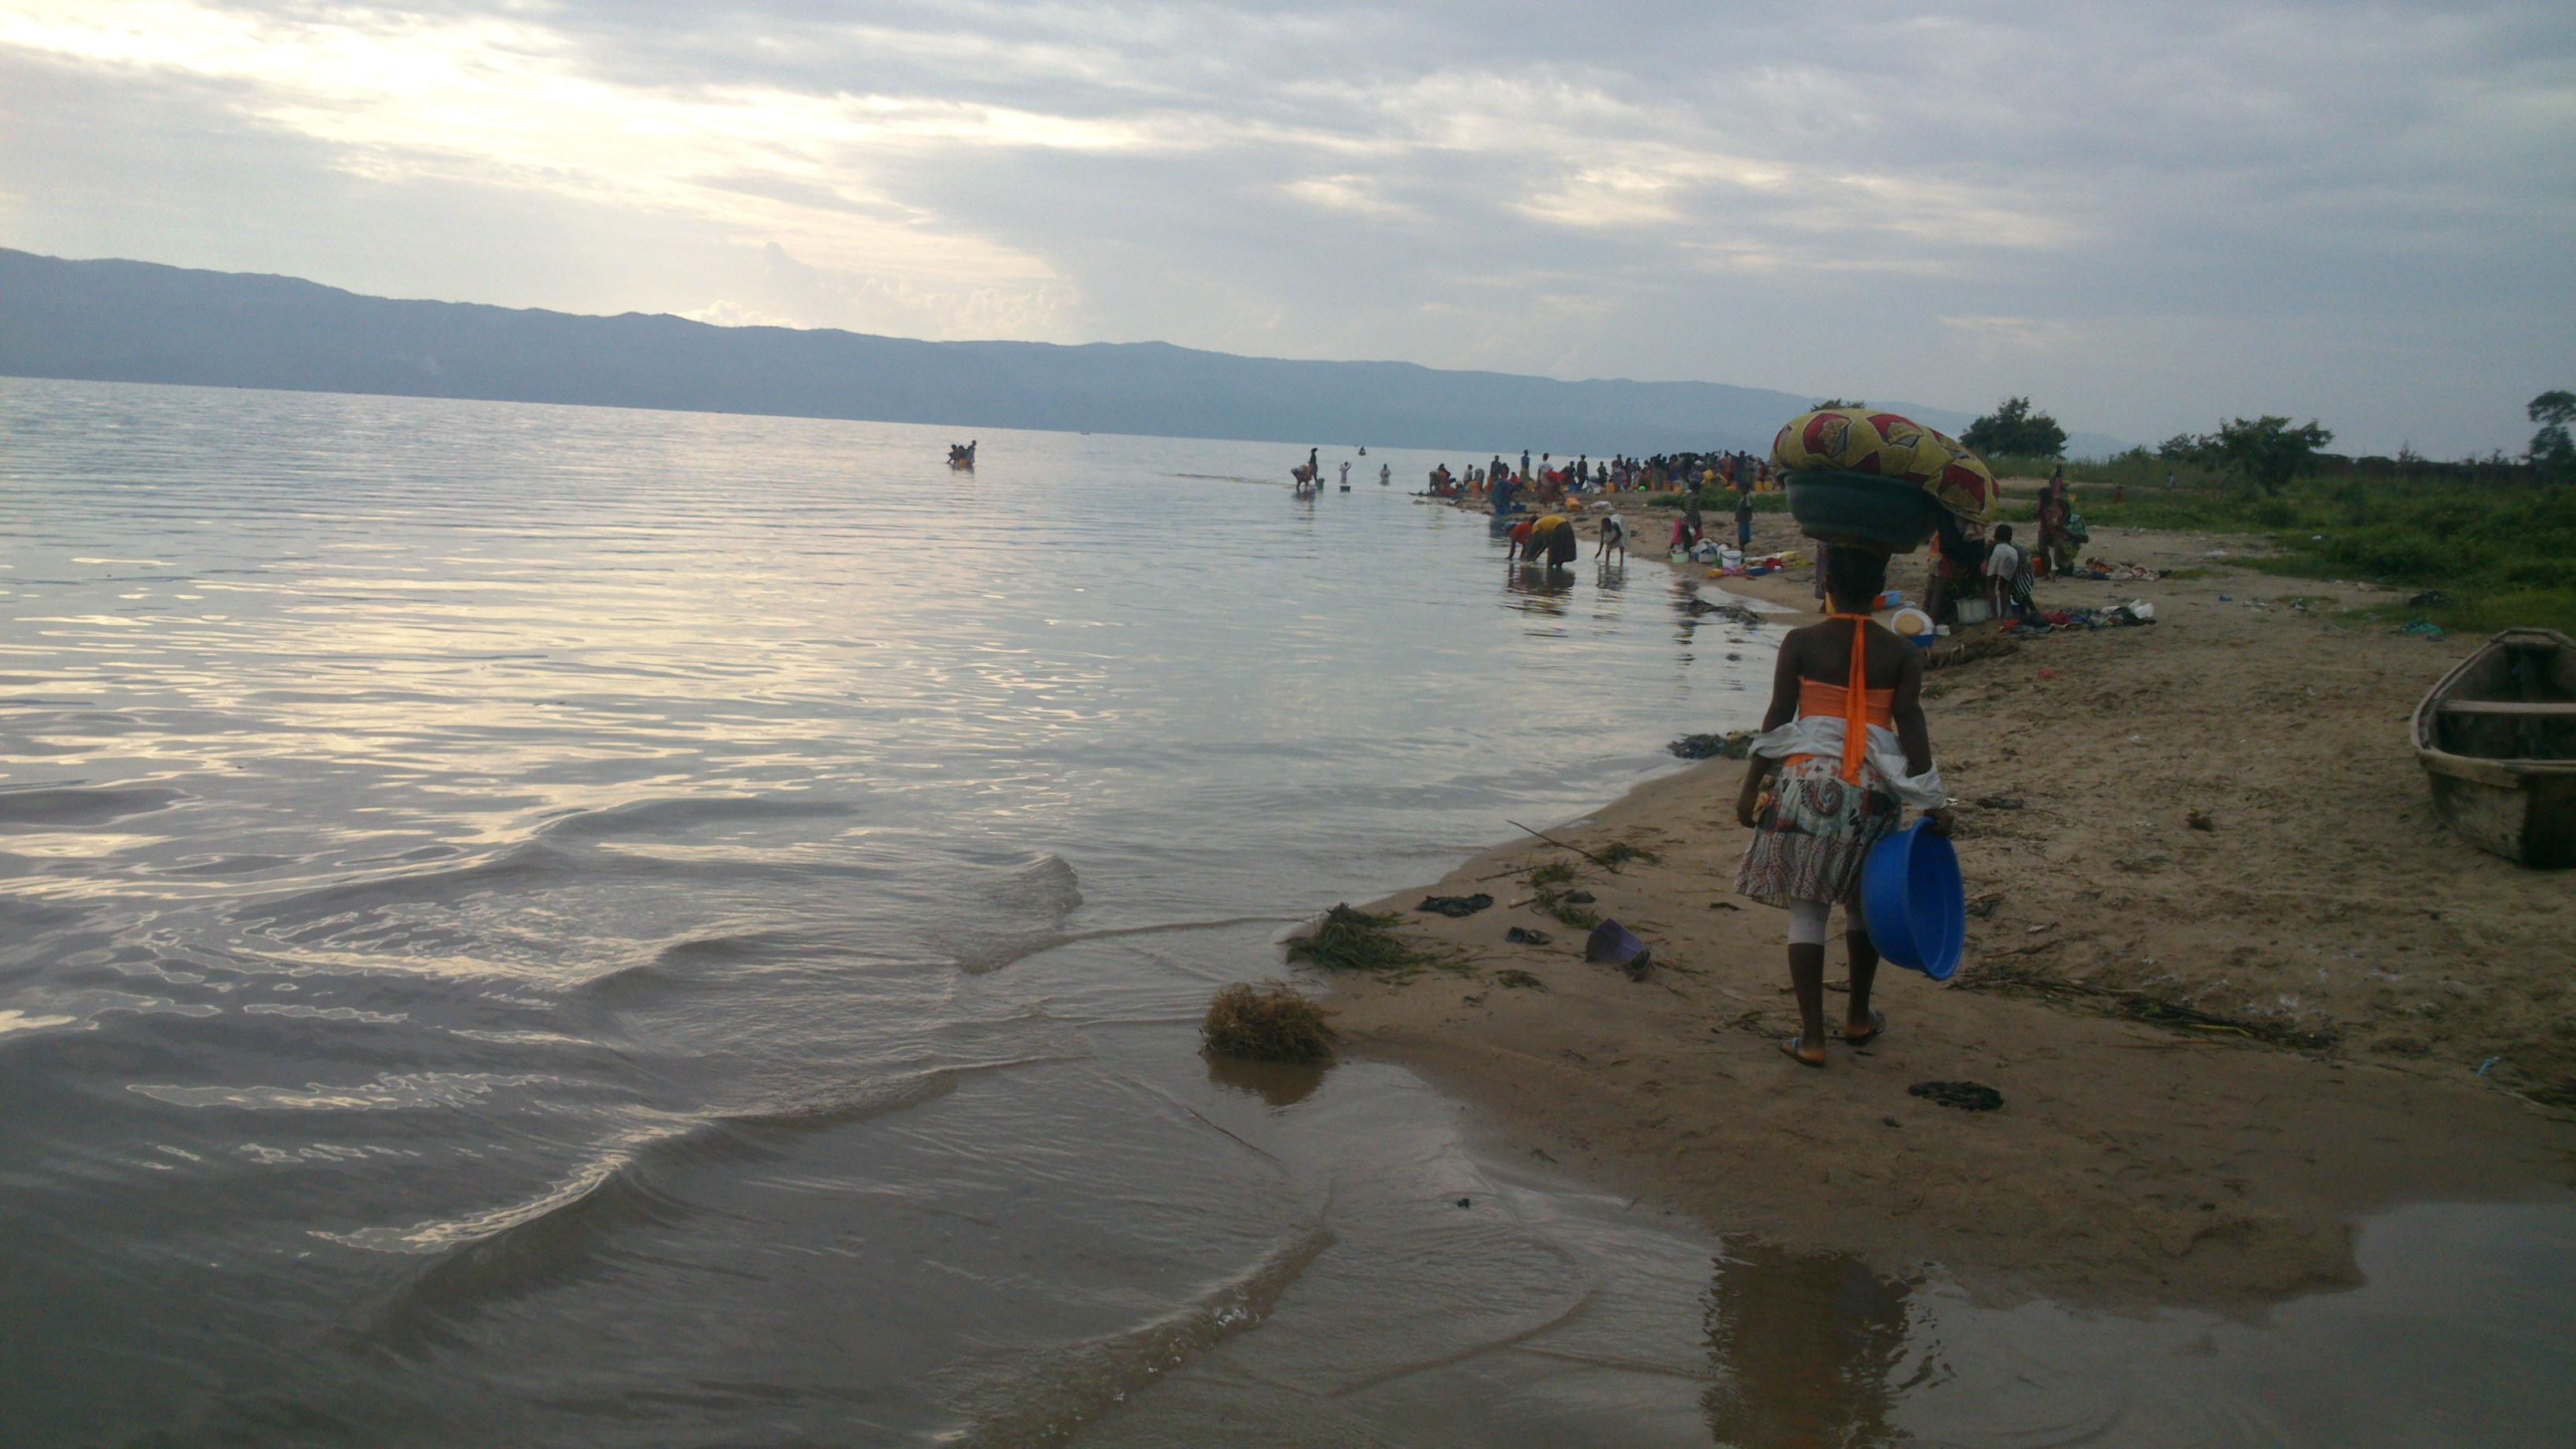 Baraka-Fizi : Hapa tuko Maeneo za BARAKA tarafizi,kwenye ziwa tanganyika